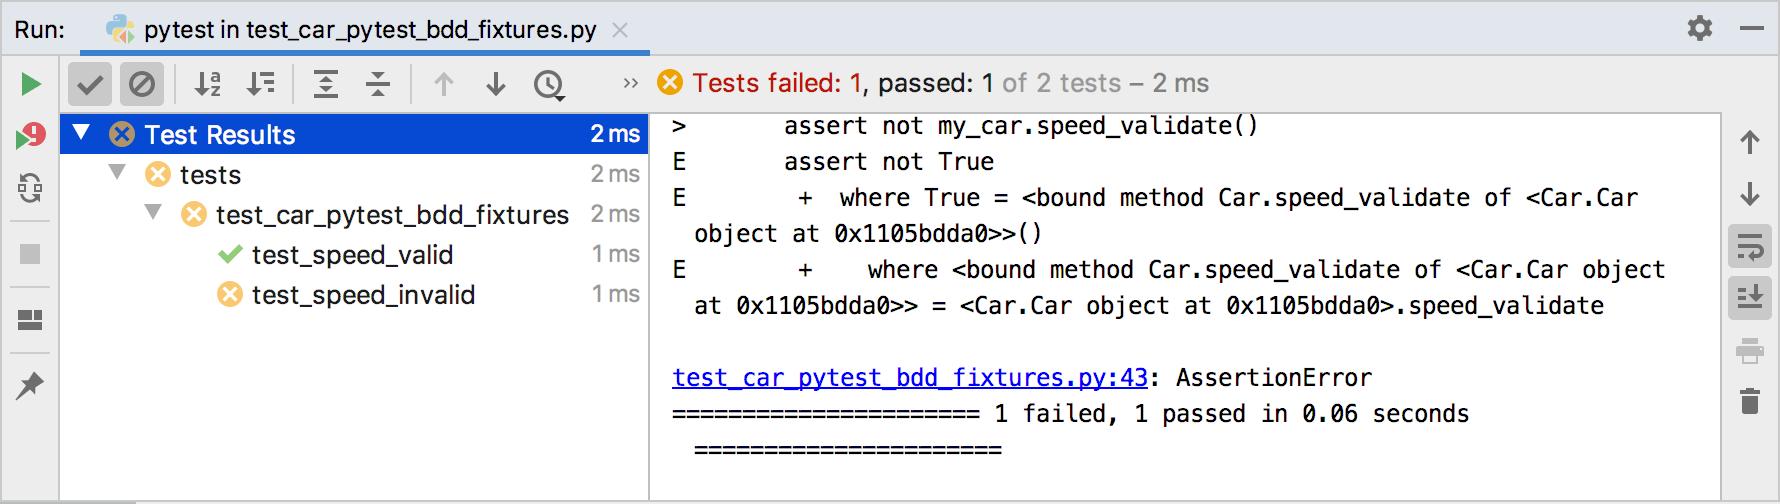 pytest-bdd results